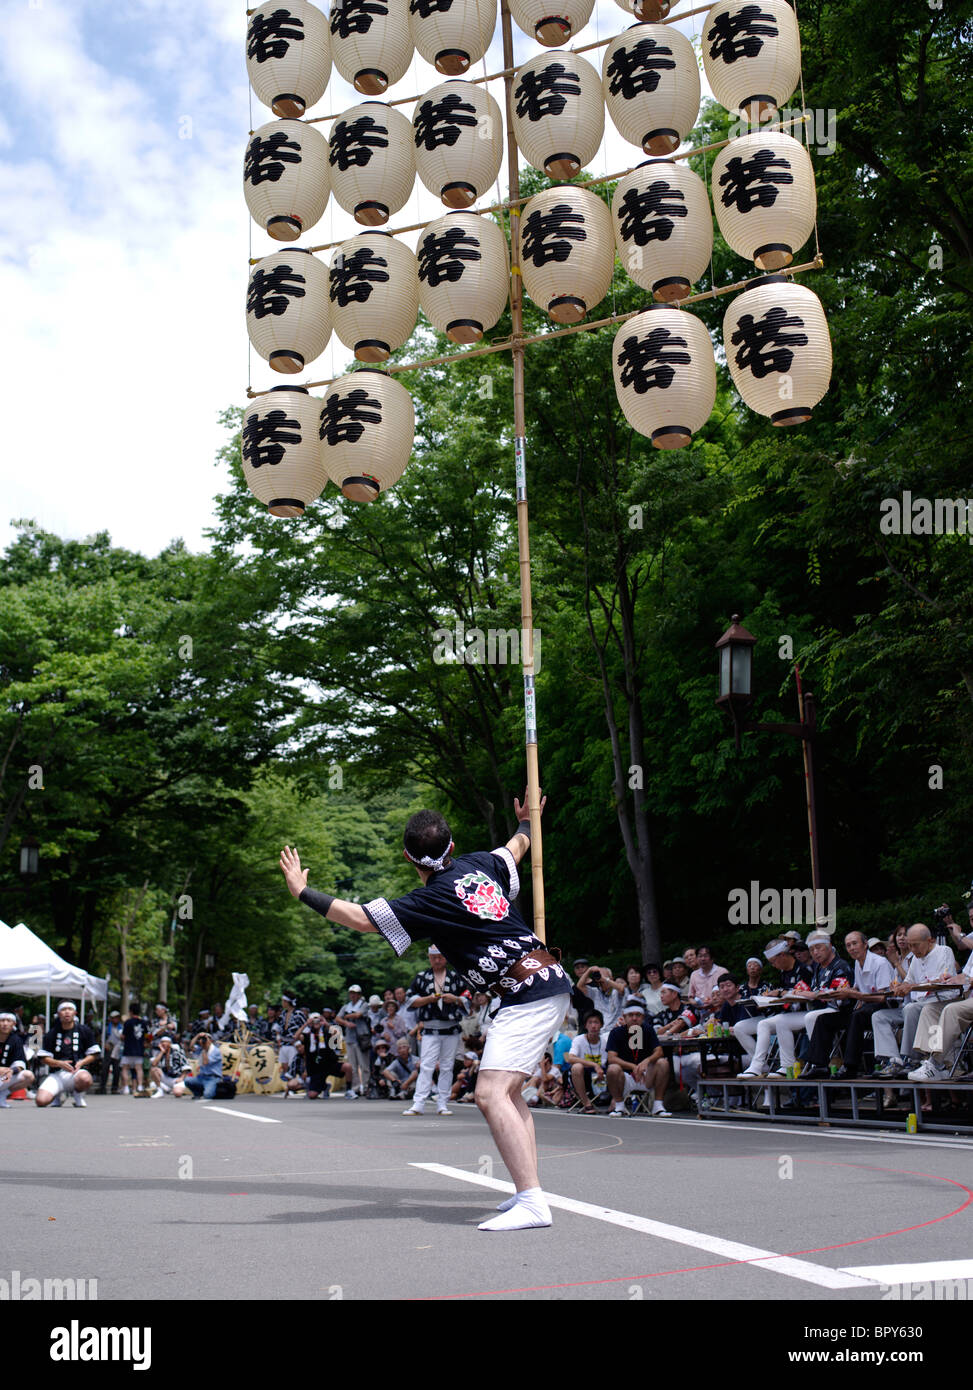 Lantern Balancing at Akita Kanto Matsuri Lantern Festival - Stock Image